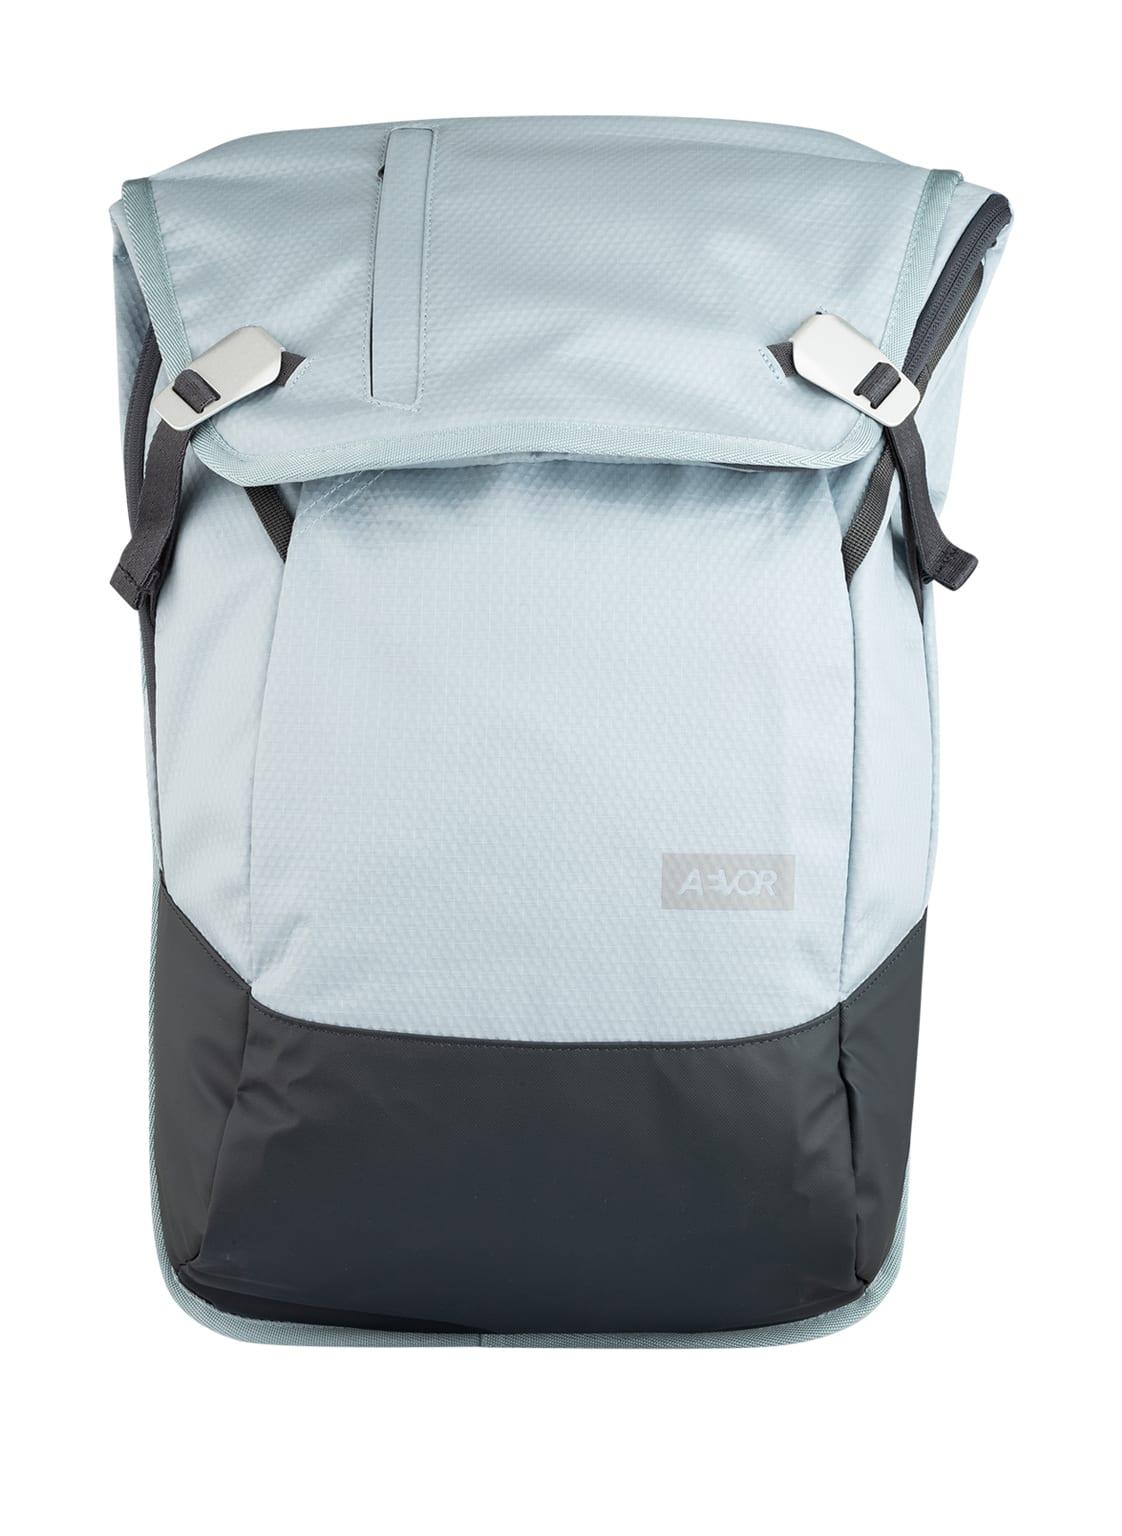 Image of Aevor Rucksack Daypack Proof 18 L (Erweiterbar Auf 28 L) Mit Laptop-Fach blau